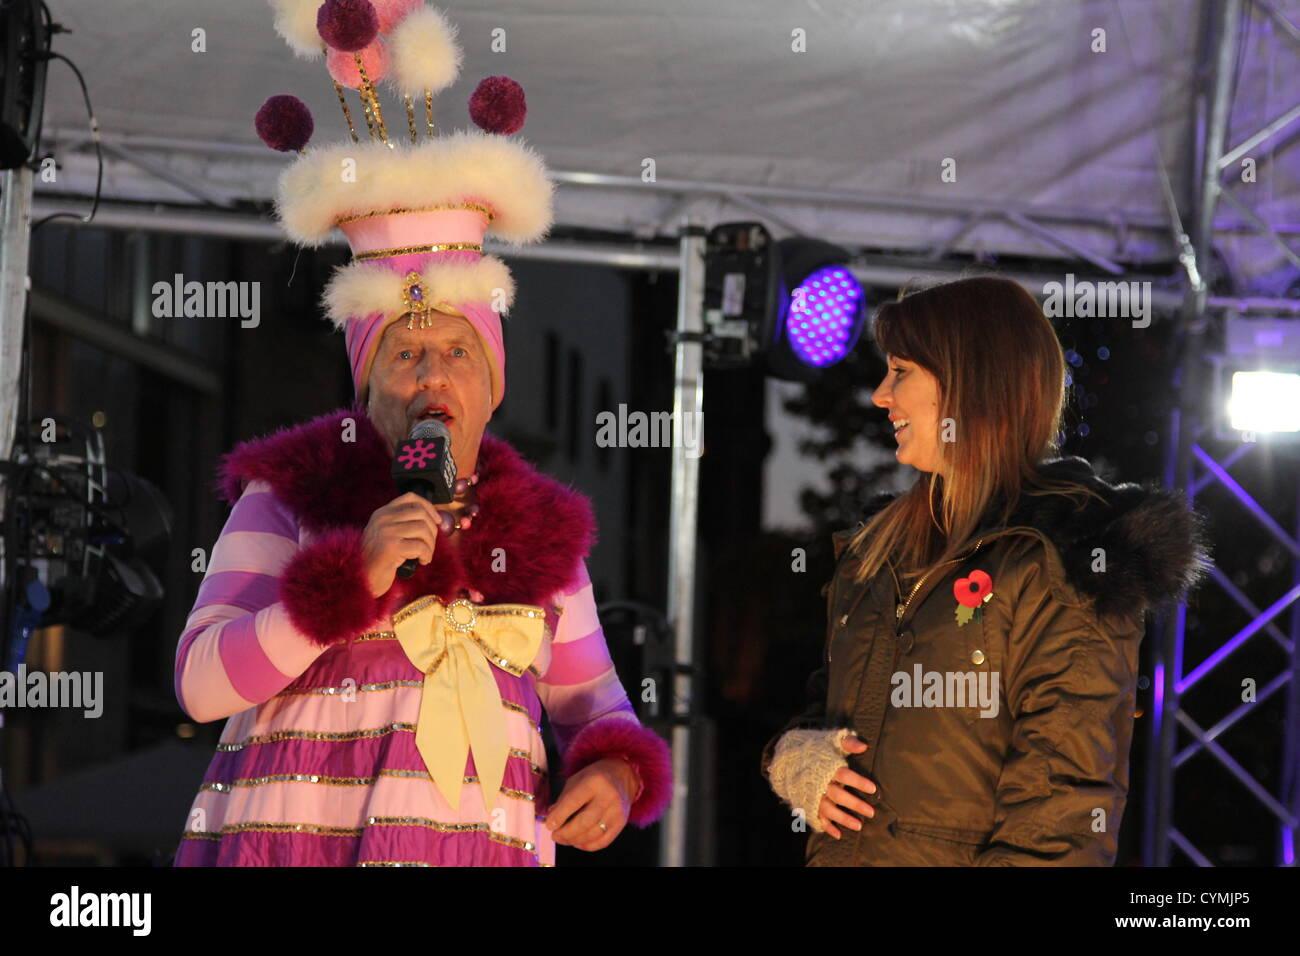 Lokale und nationale anerkannte Persönlichkeiten besuchten die Einführung des Weihnachtsfestes in Liverpool Stockbild